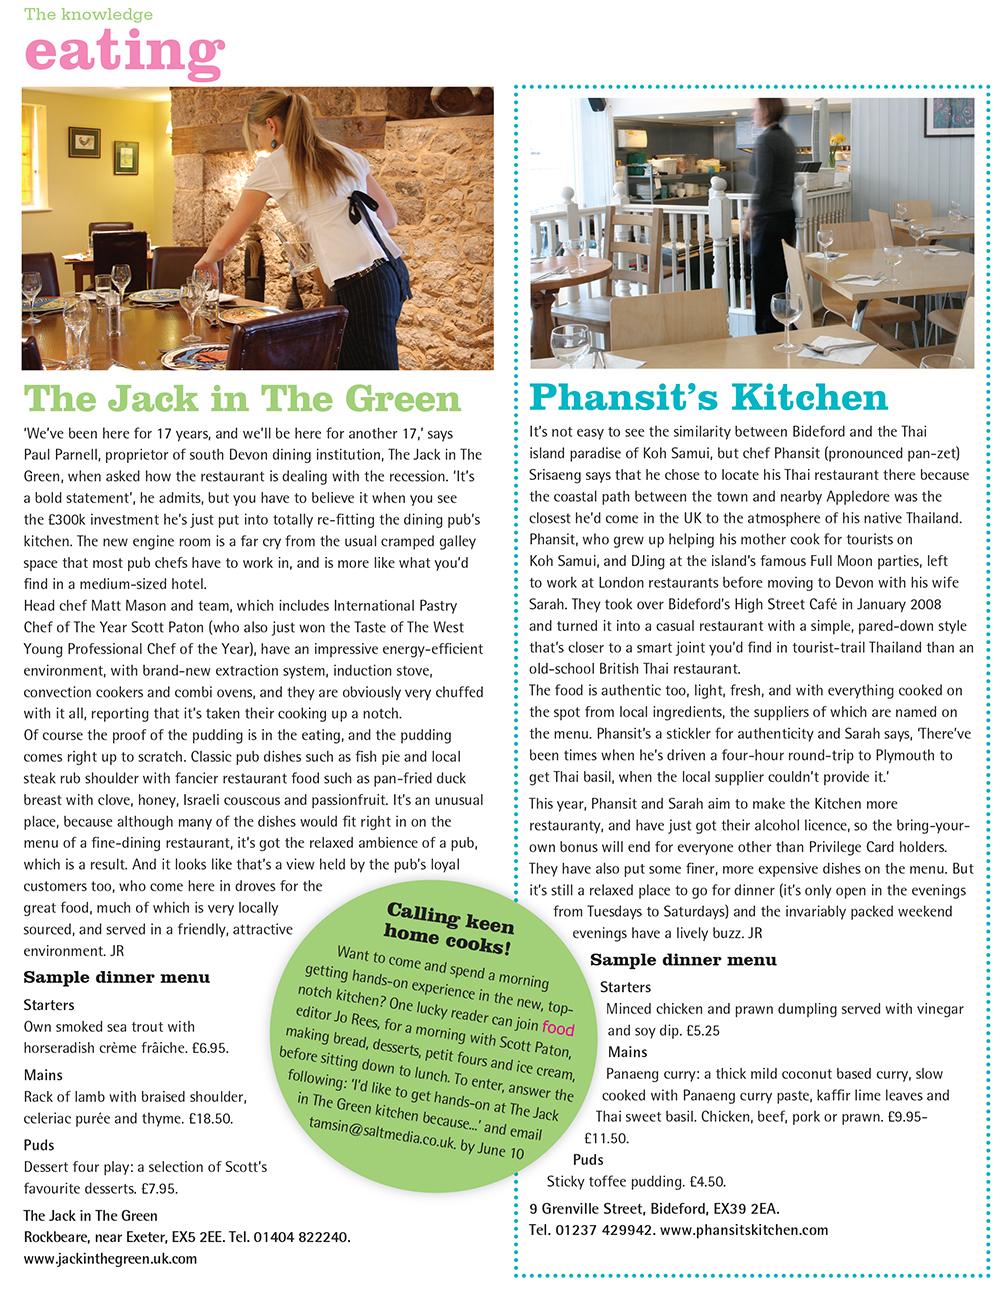 Food Mag Eating Out May 09.jpg